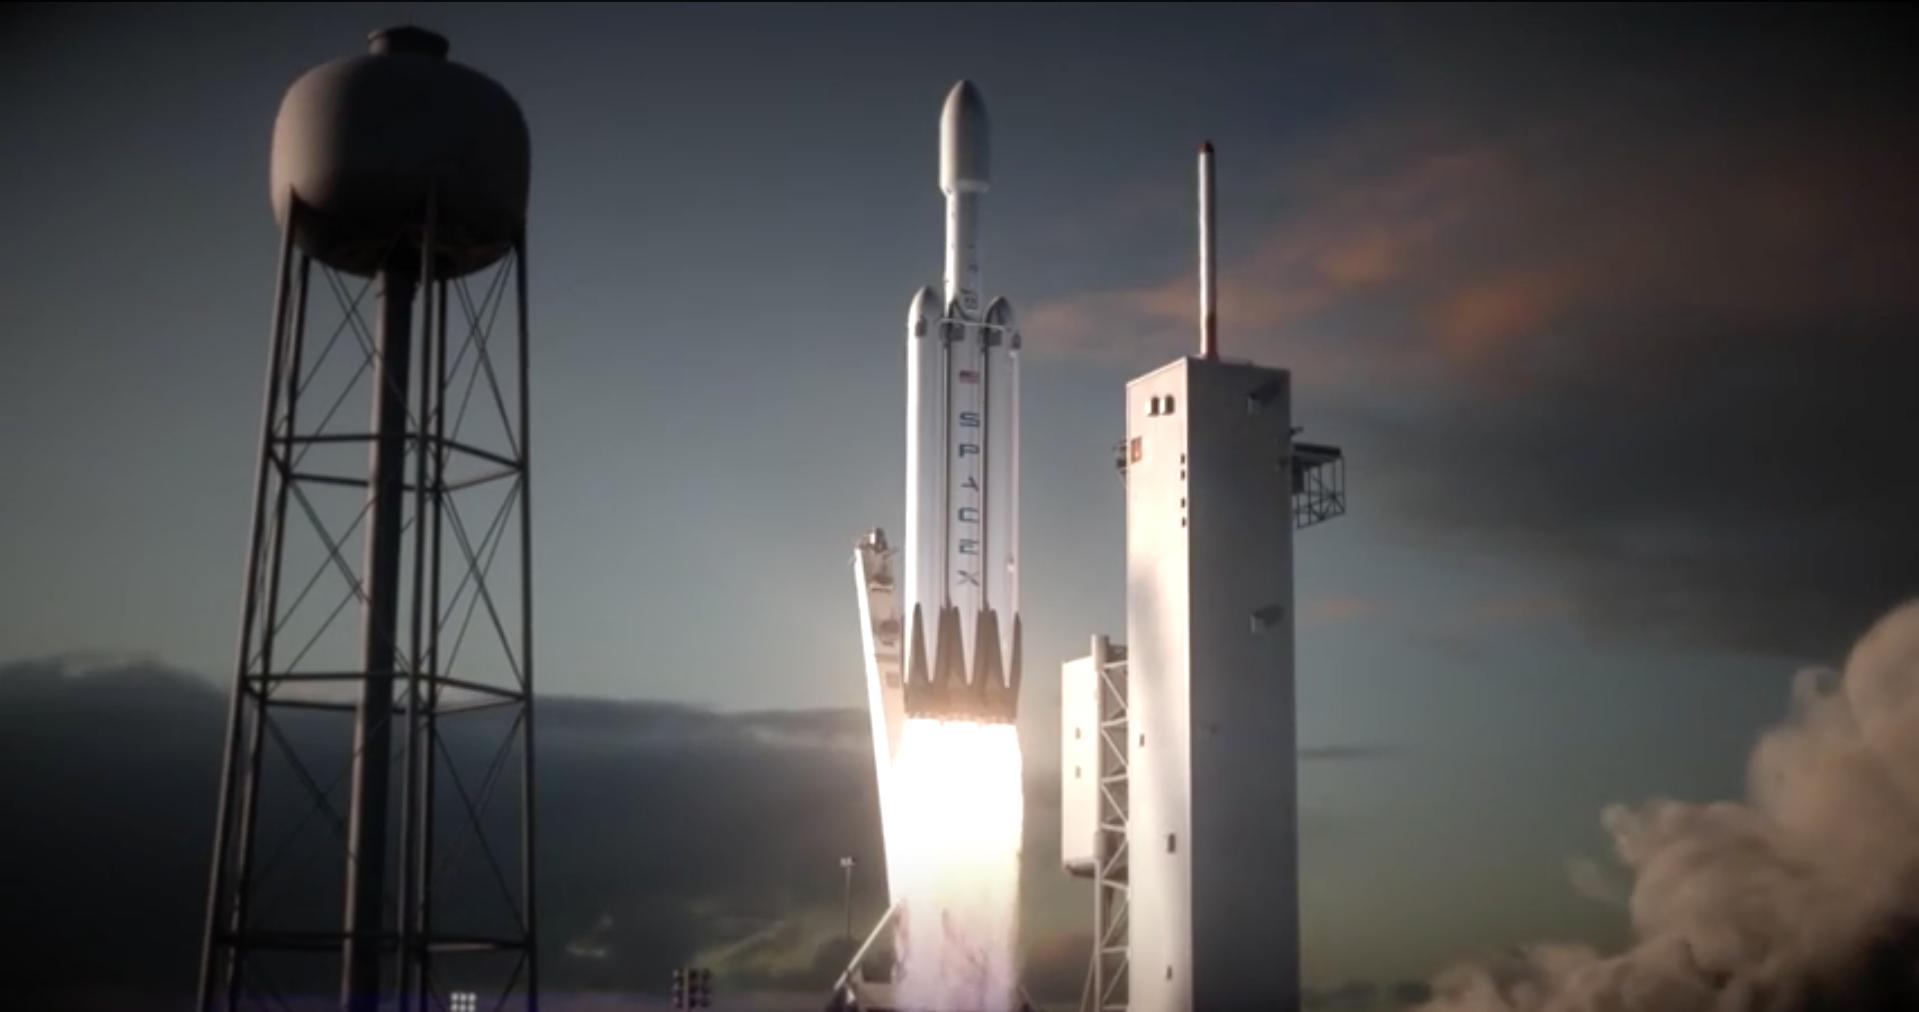 Илон Маск показал новую ракету-носитель SpaceX Falcon Heavy - 1